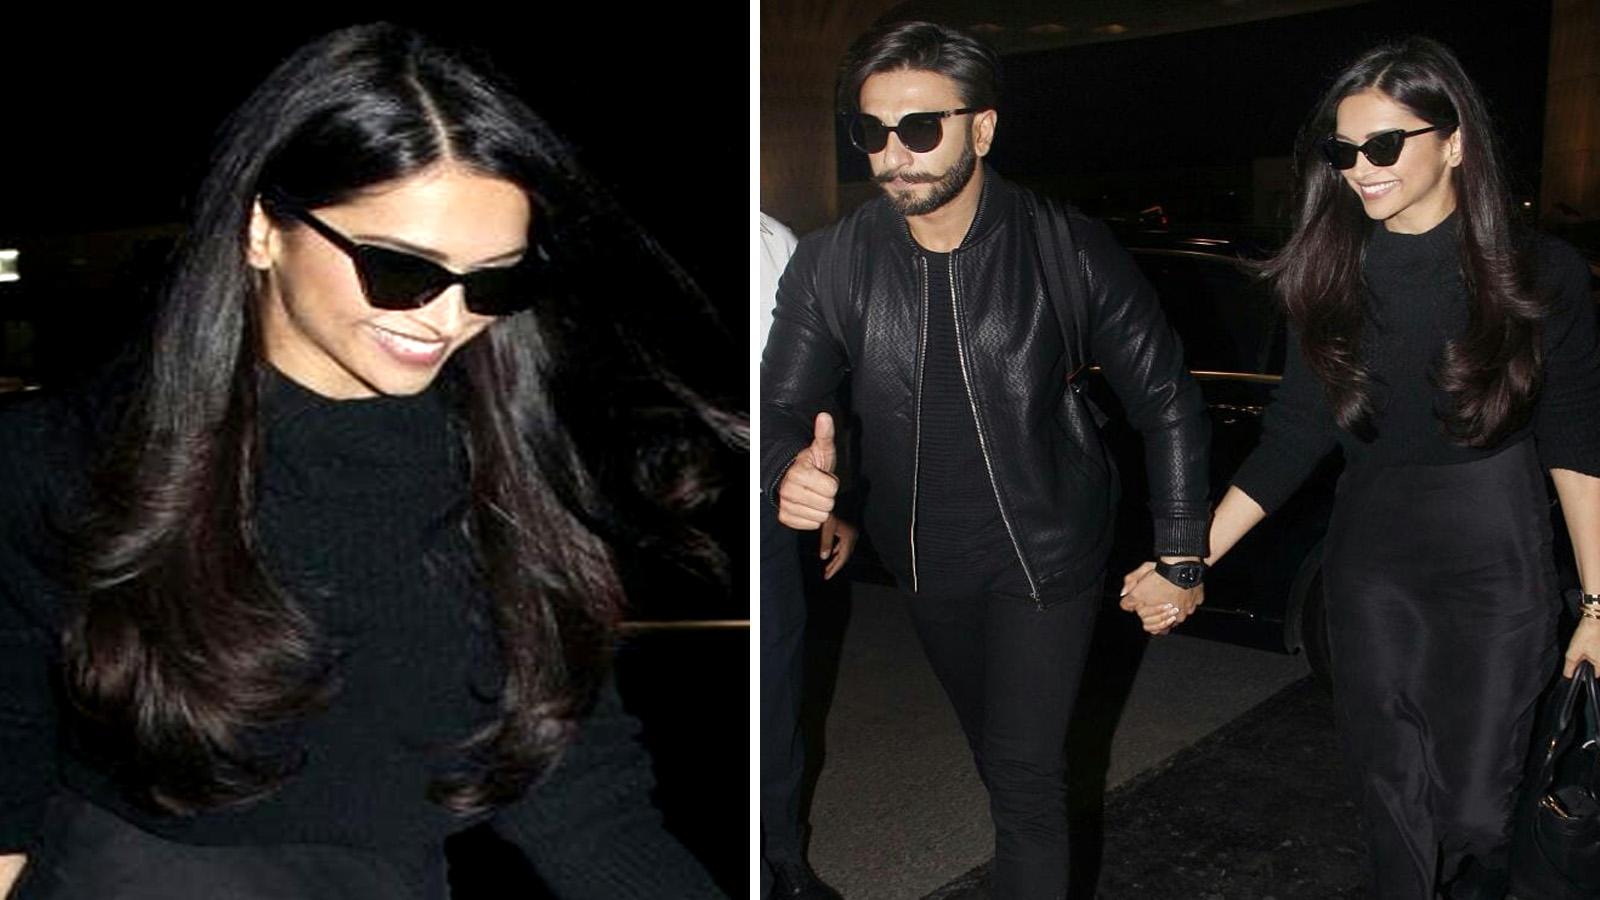 Newlyweds Ranveer Singh and Deepika Padukone head out for their honeymoon